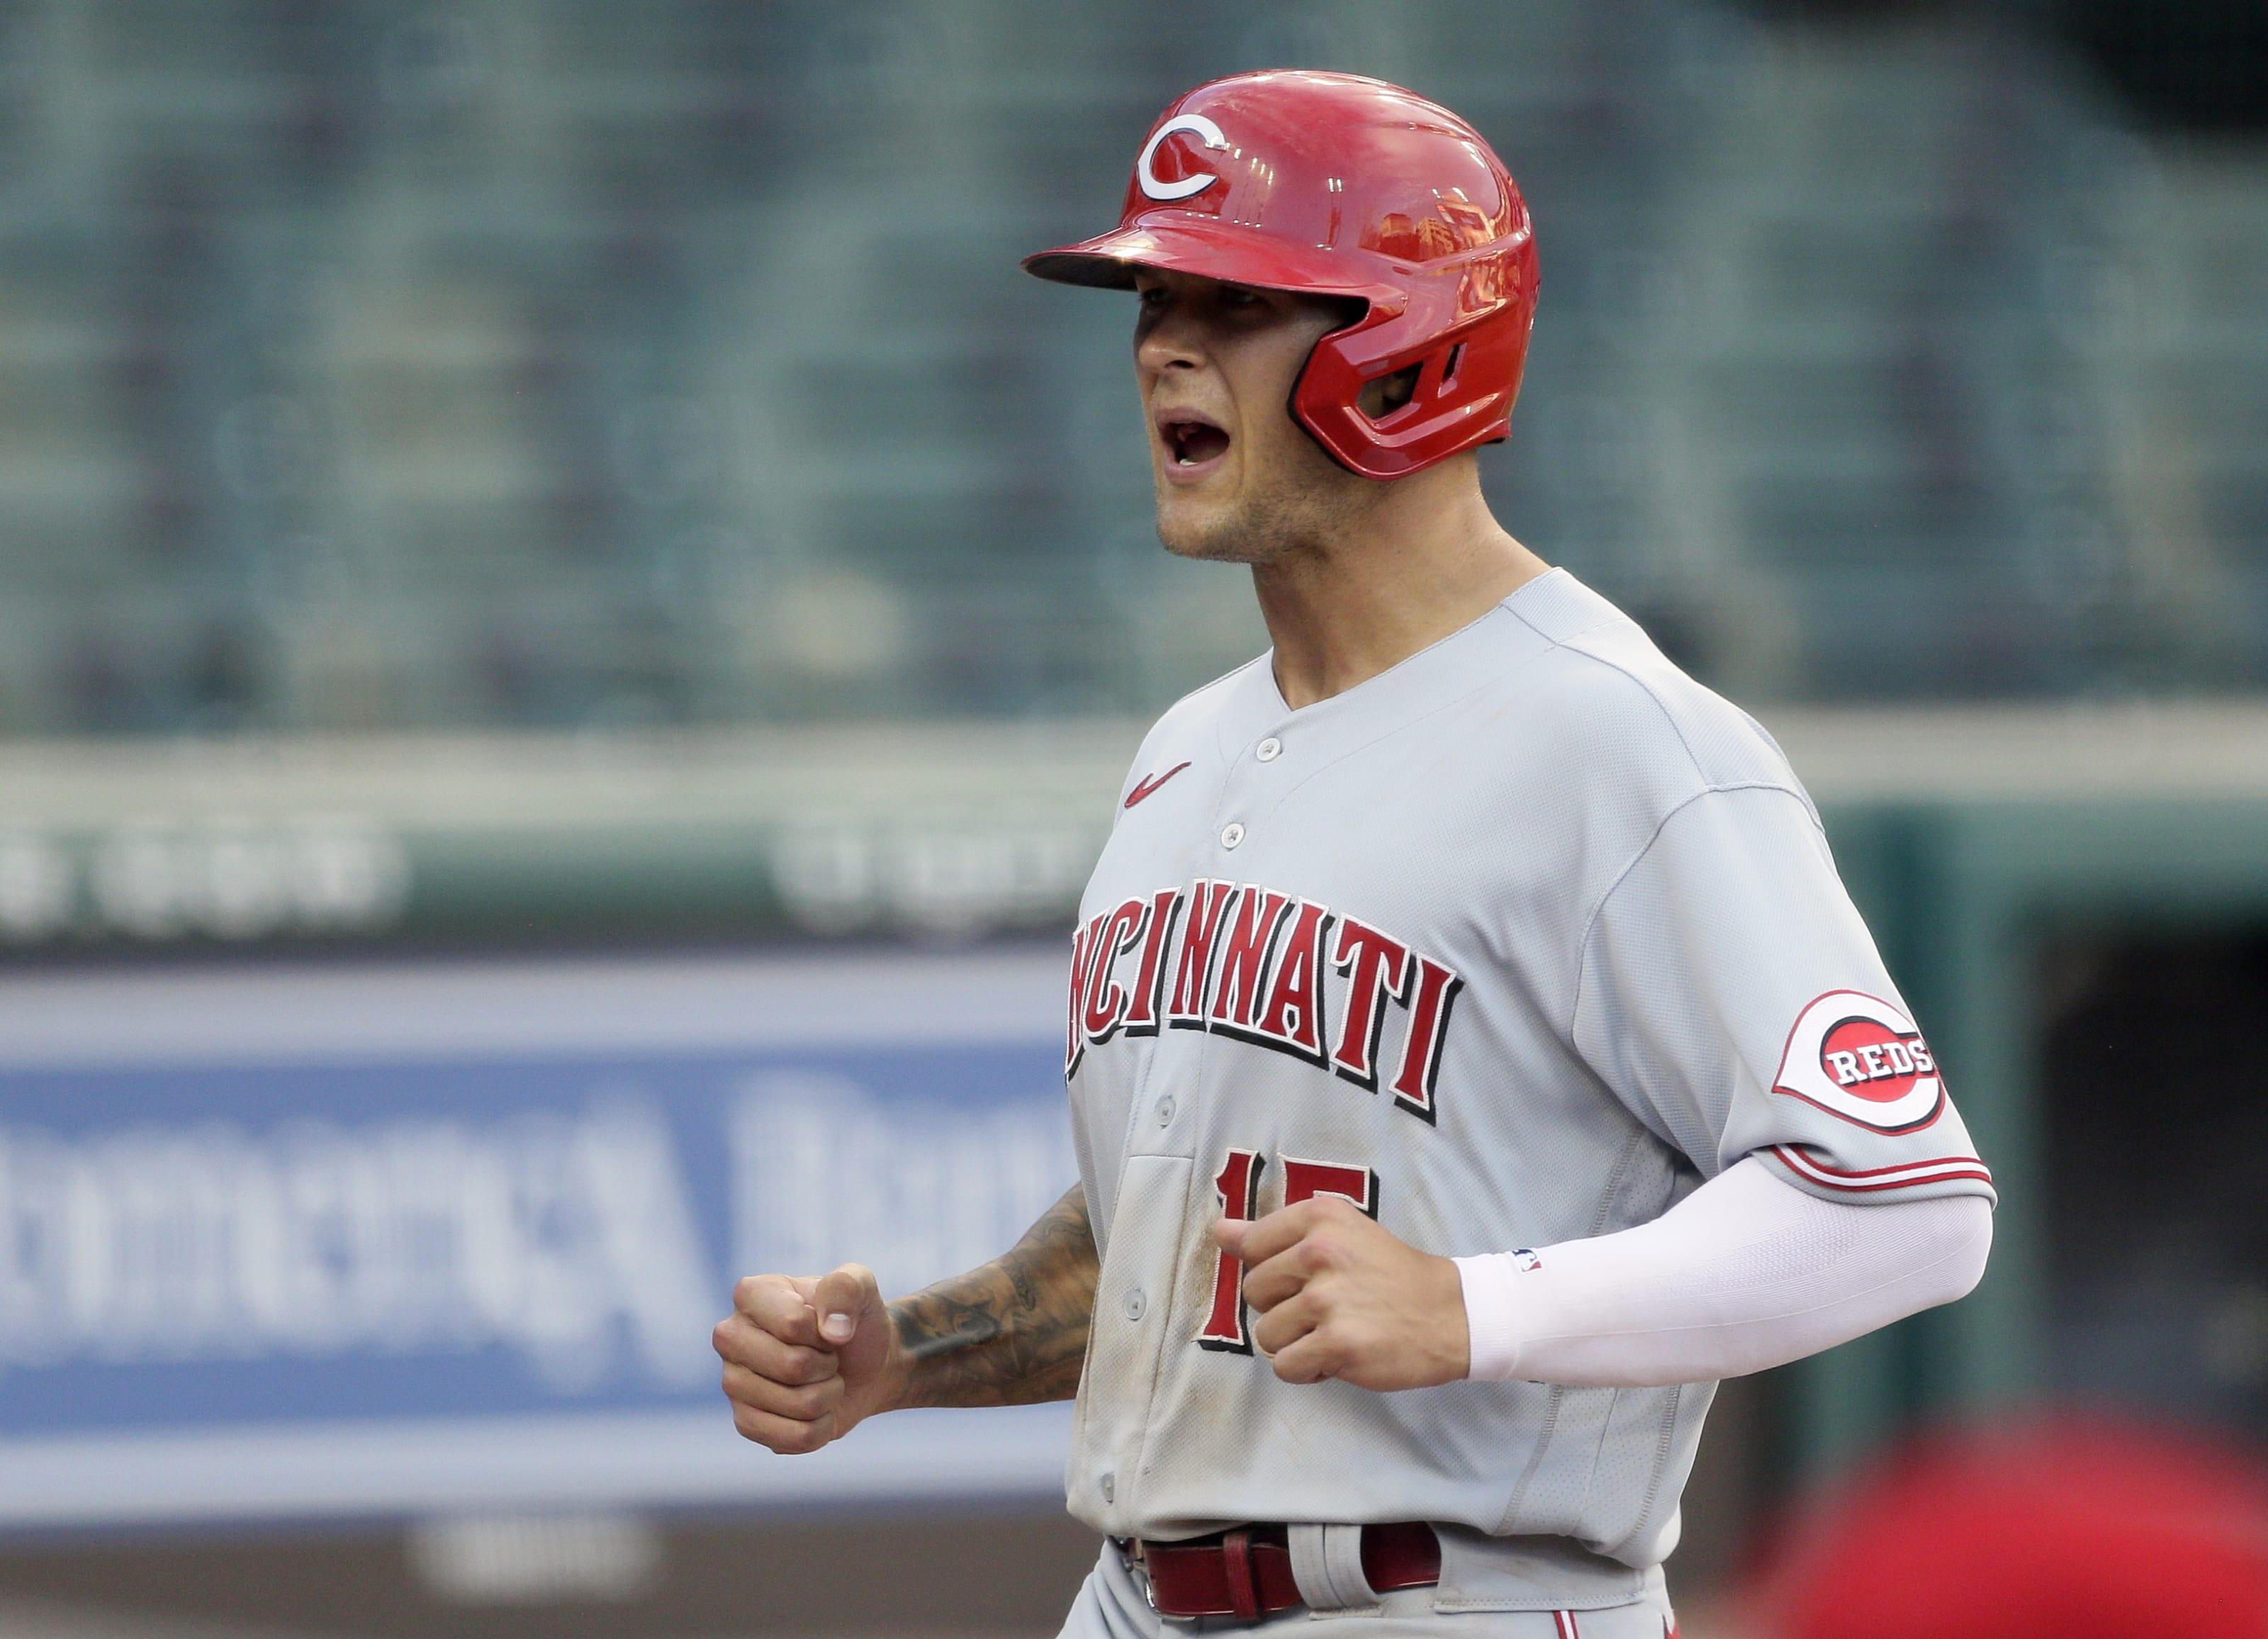 Nick Senzel #15 of the Cincinnati Reds celebrates as he scores on a single.